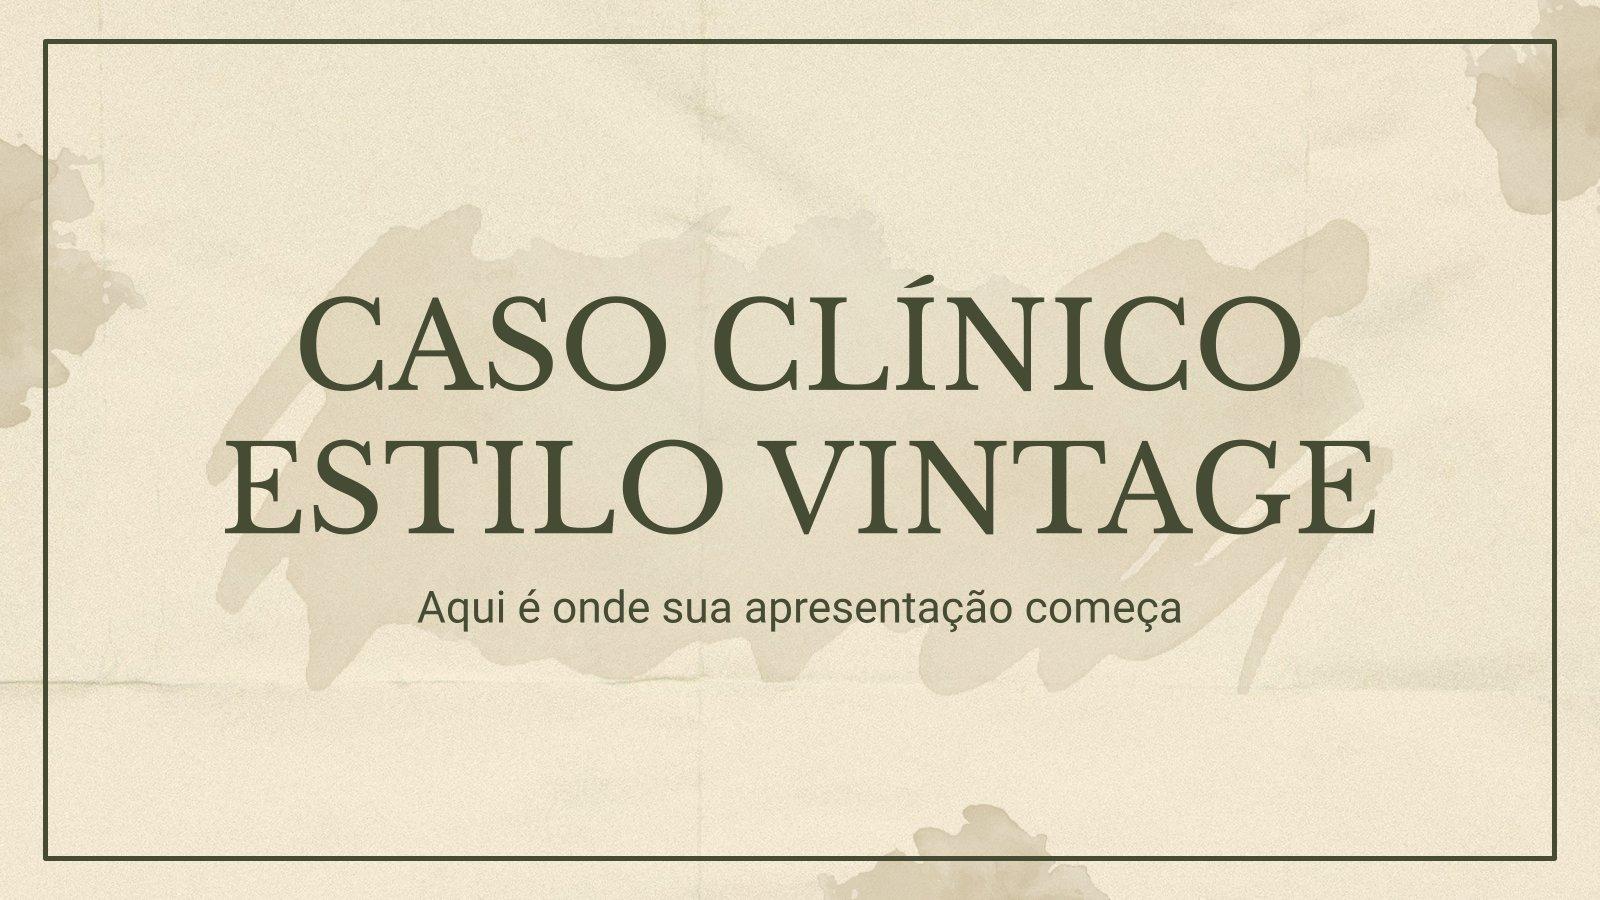 Caso Clínico Estilo Vintage presentation template